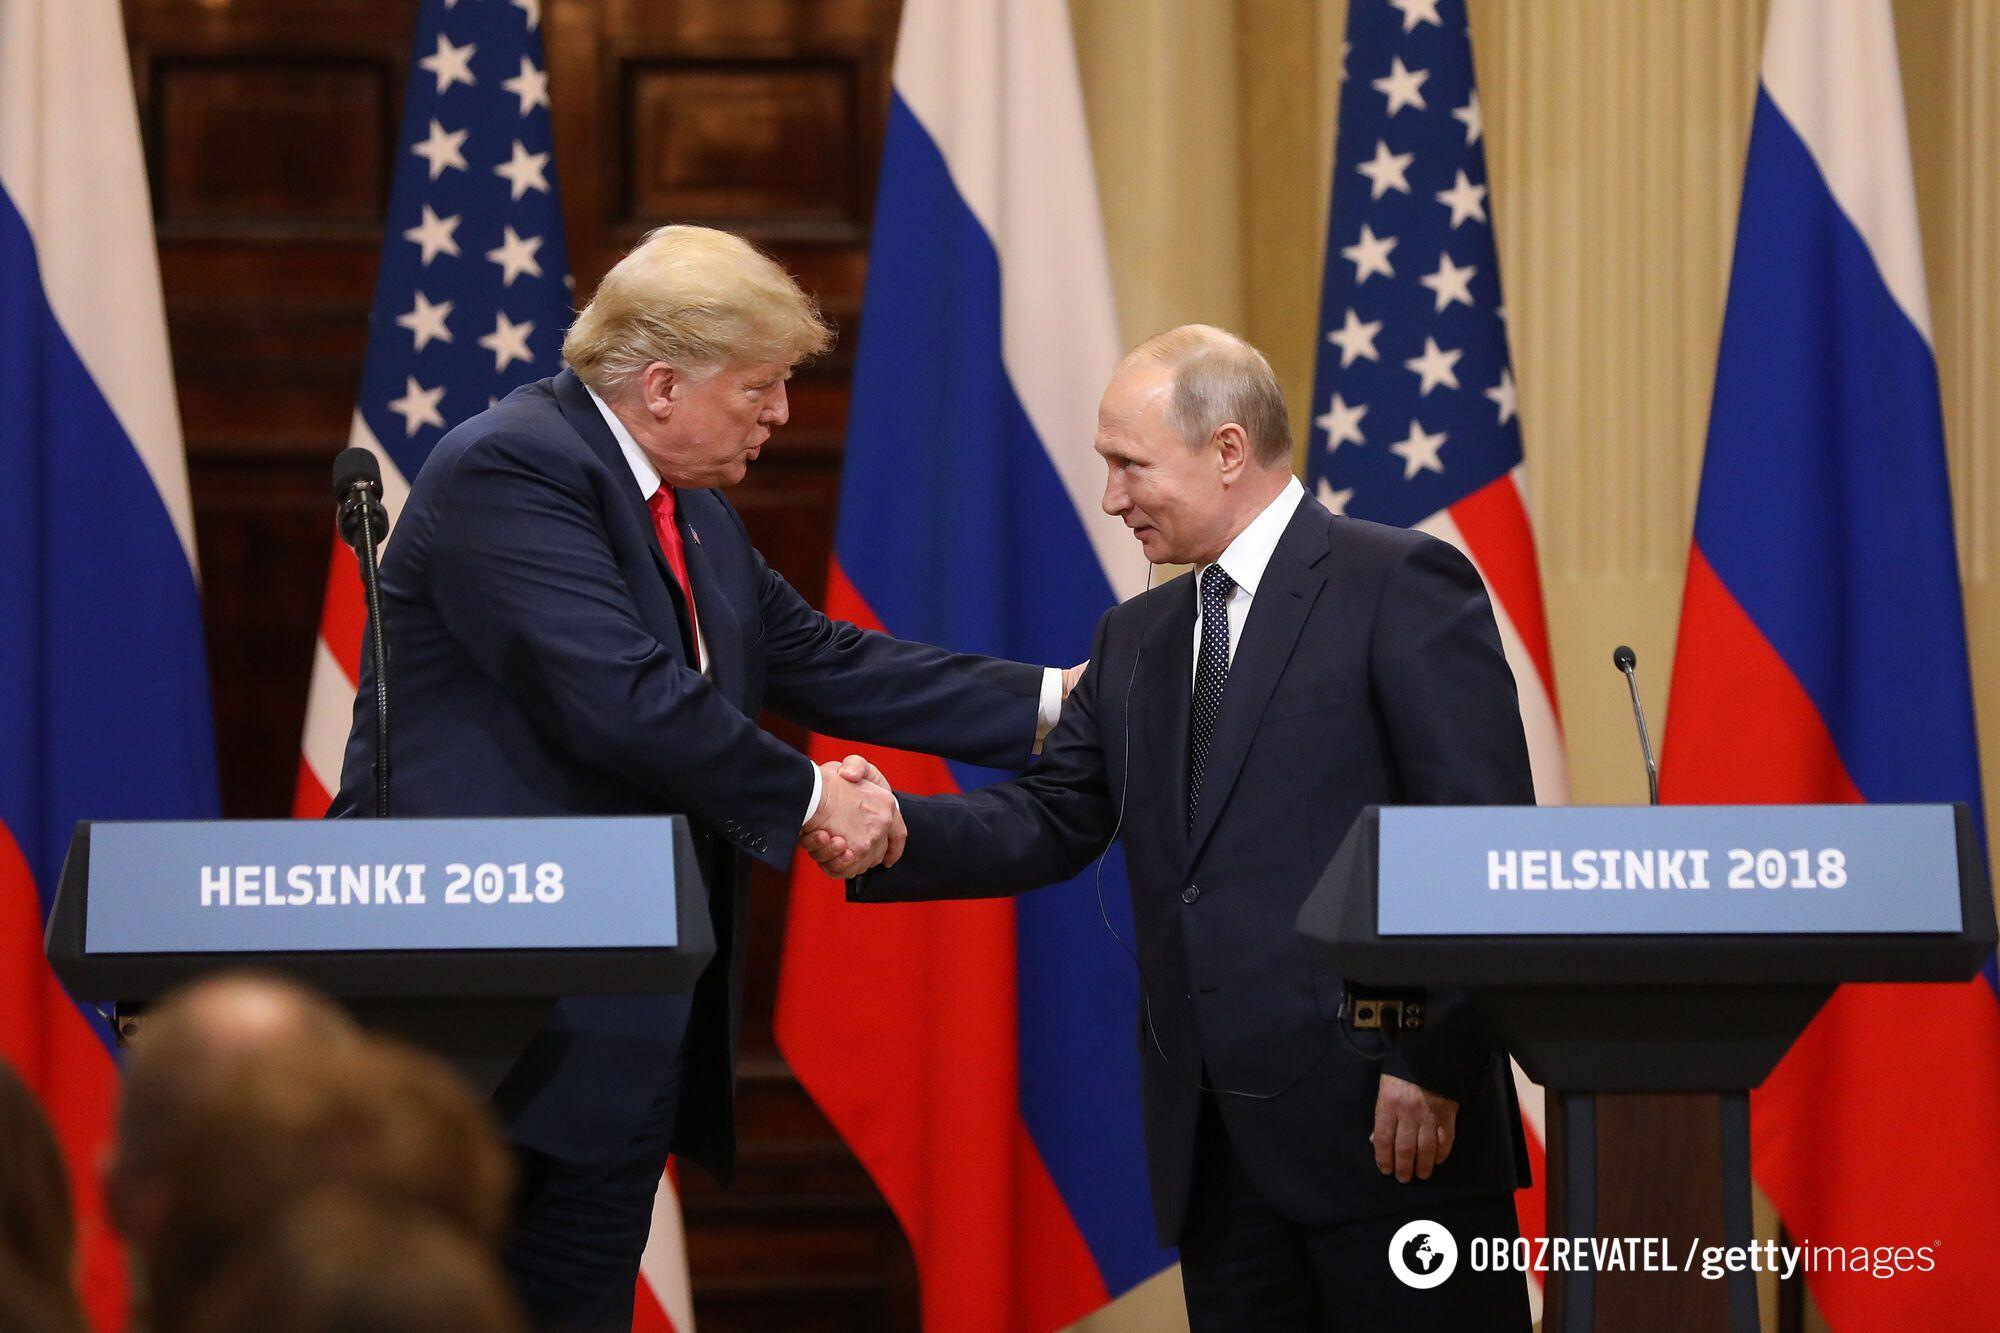 Зустріч американського президента Дональда Трампа з главою РФ Володимиром Путіним у Гельсінкі 2018 року